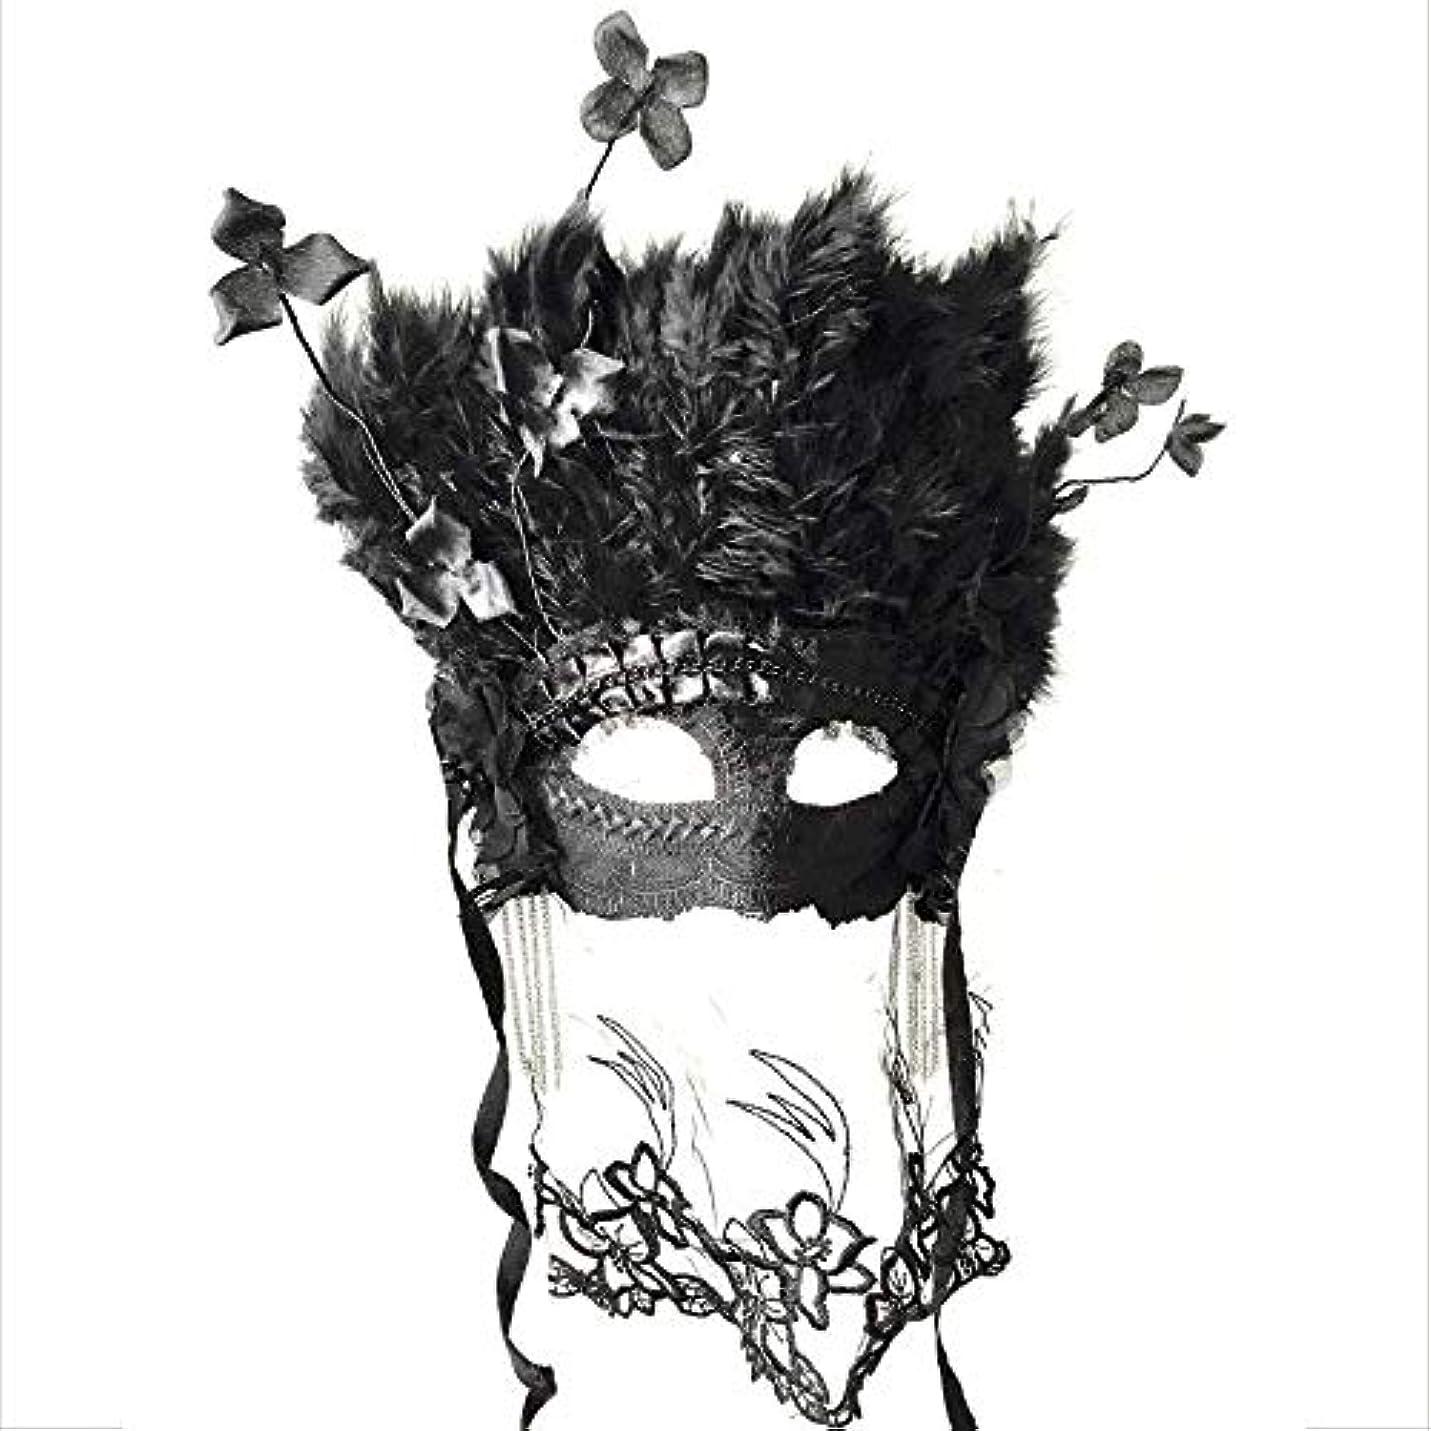 洪水スペル可聴Nanle ハロウィンクリスマスベールドライフラワーフェザータッセルマスク仮装マスクレディミスプリンセス美容祭パーティーデコレーションマスク